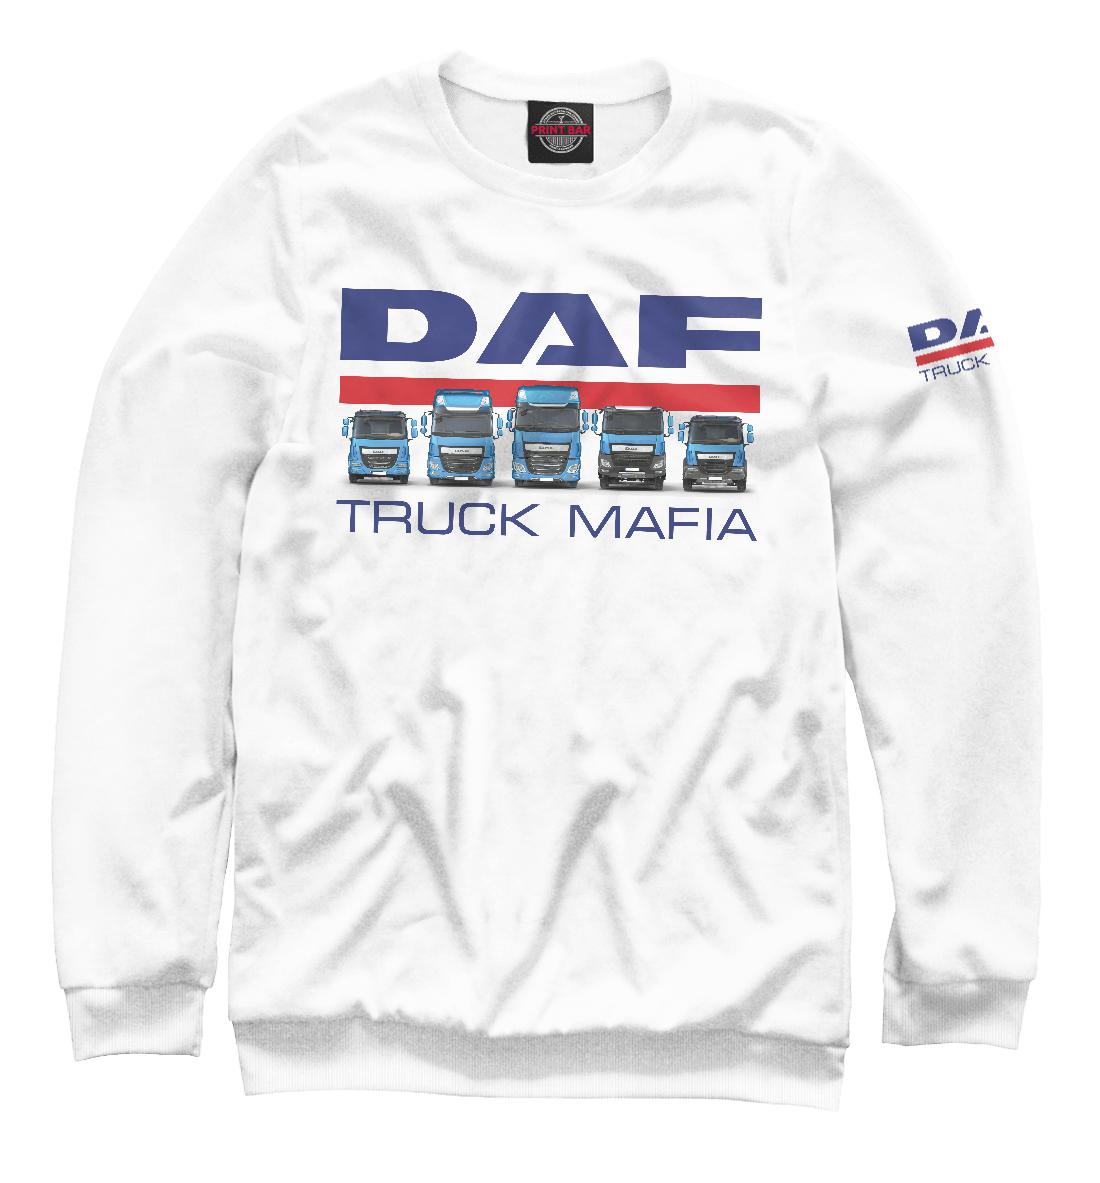 Фото - DAF Truck Mafia truck